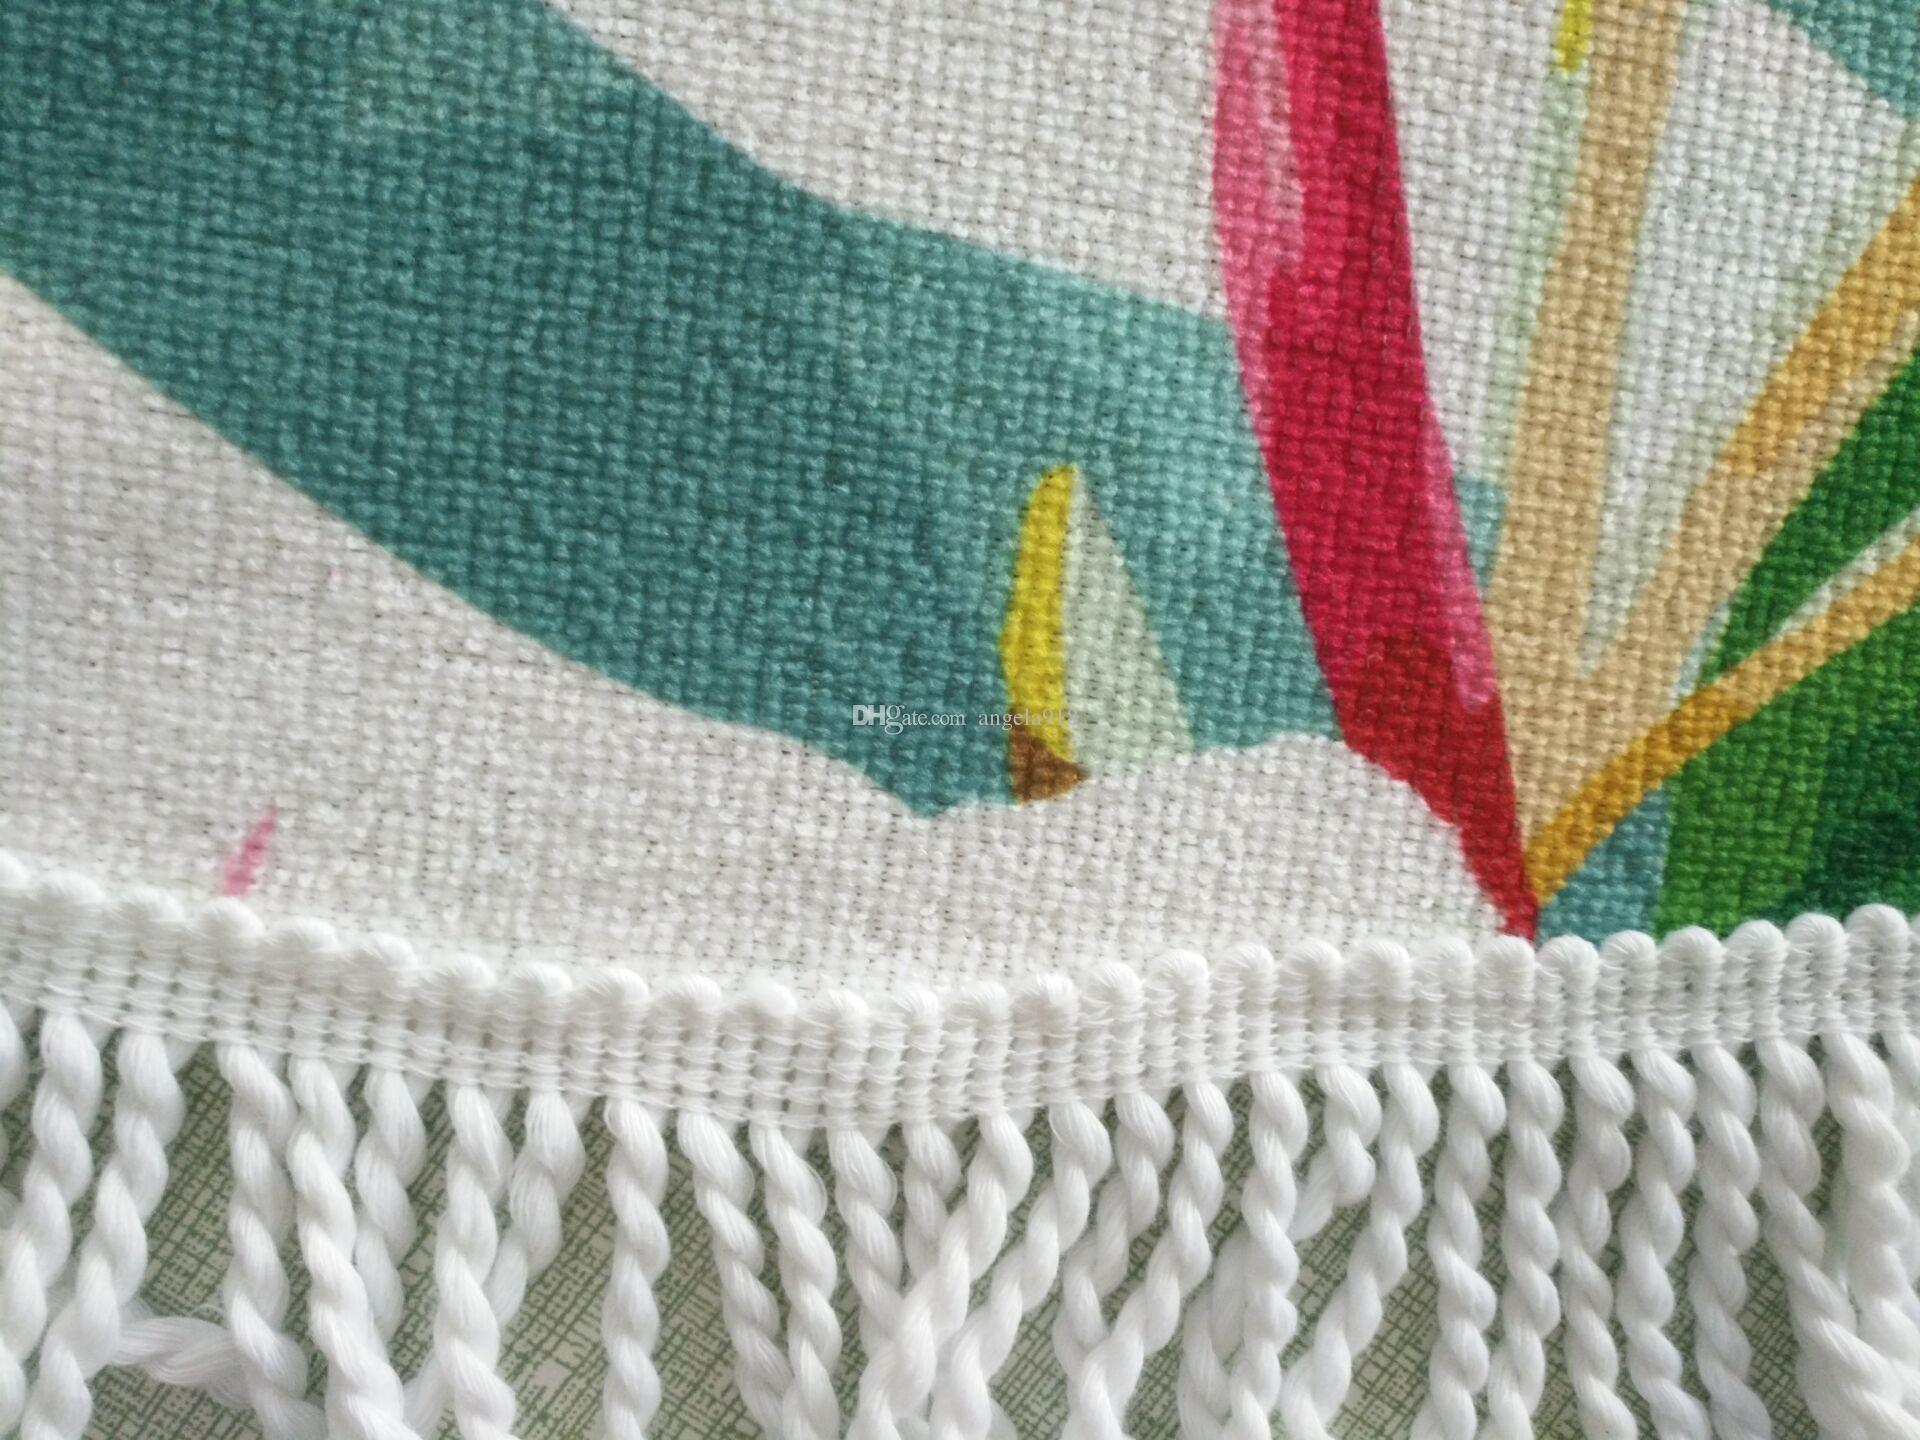 Serviette de plage Licorne 150 * 150cm serviettes de plage ronde 2018 serviettes de bain pour la piscine d'été dessin animé châle tapis de yoga 16 couleurs couverture bébé C3828